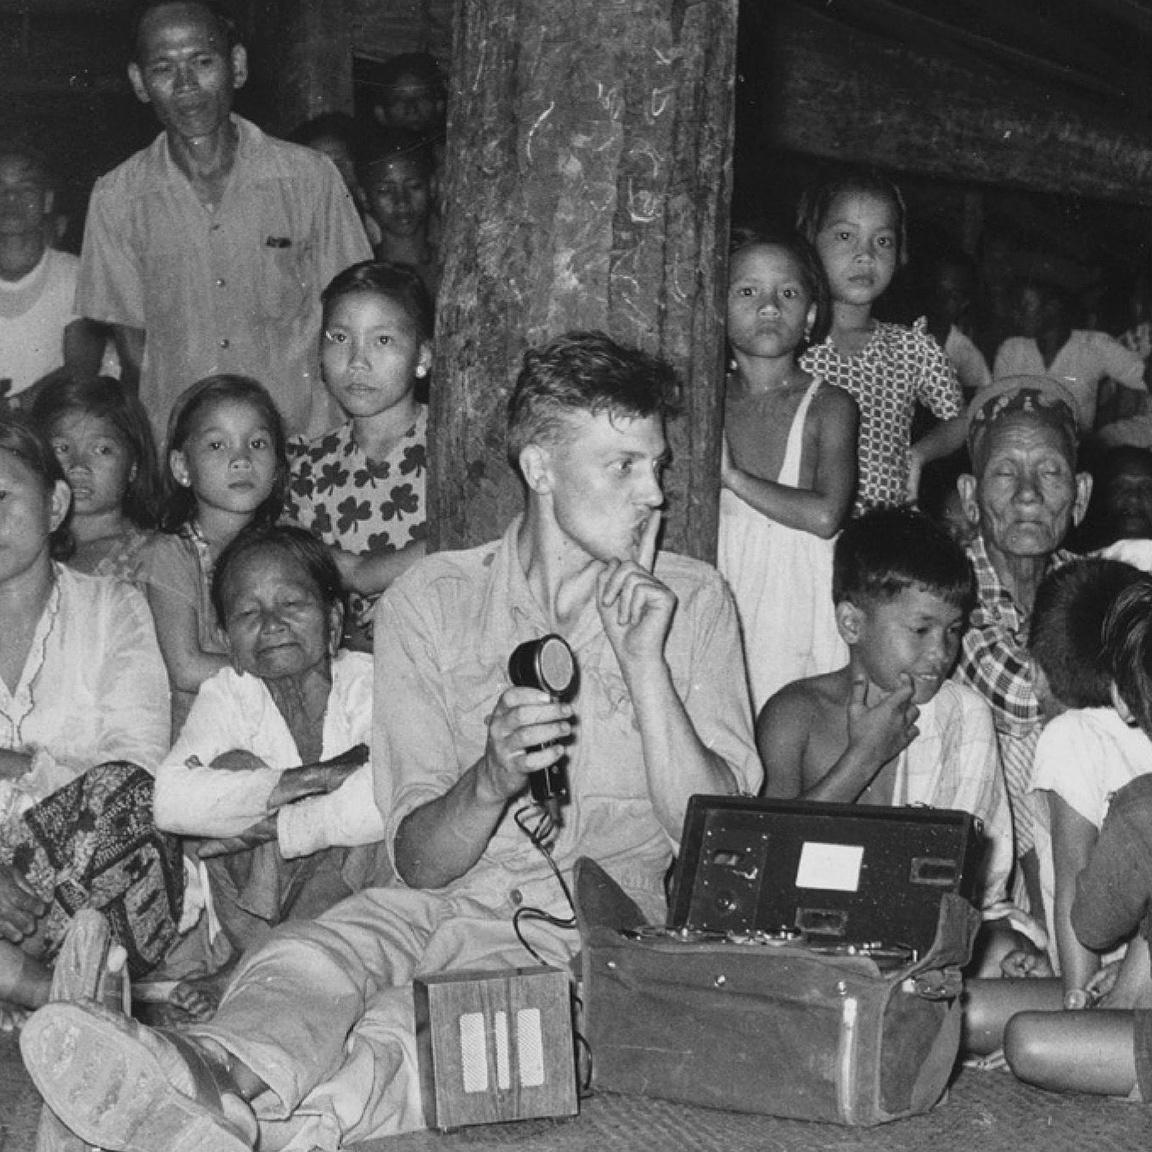 Tudtad, hogy David Attenborough népzenét is gyűjtött?